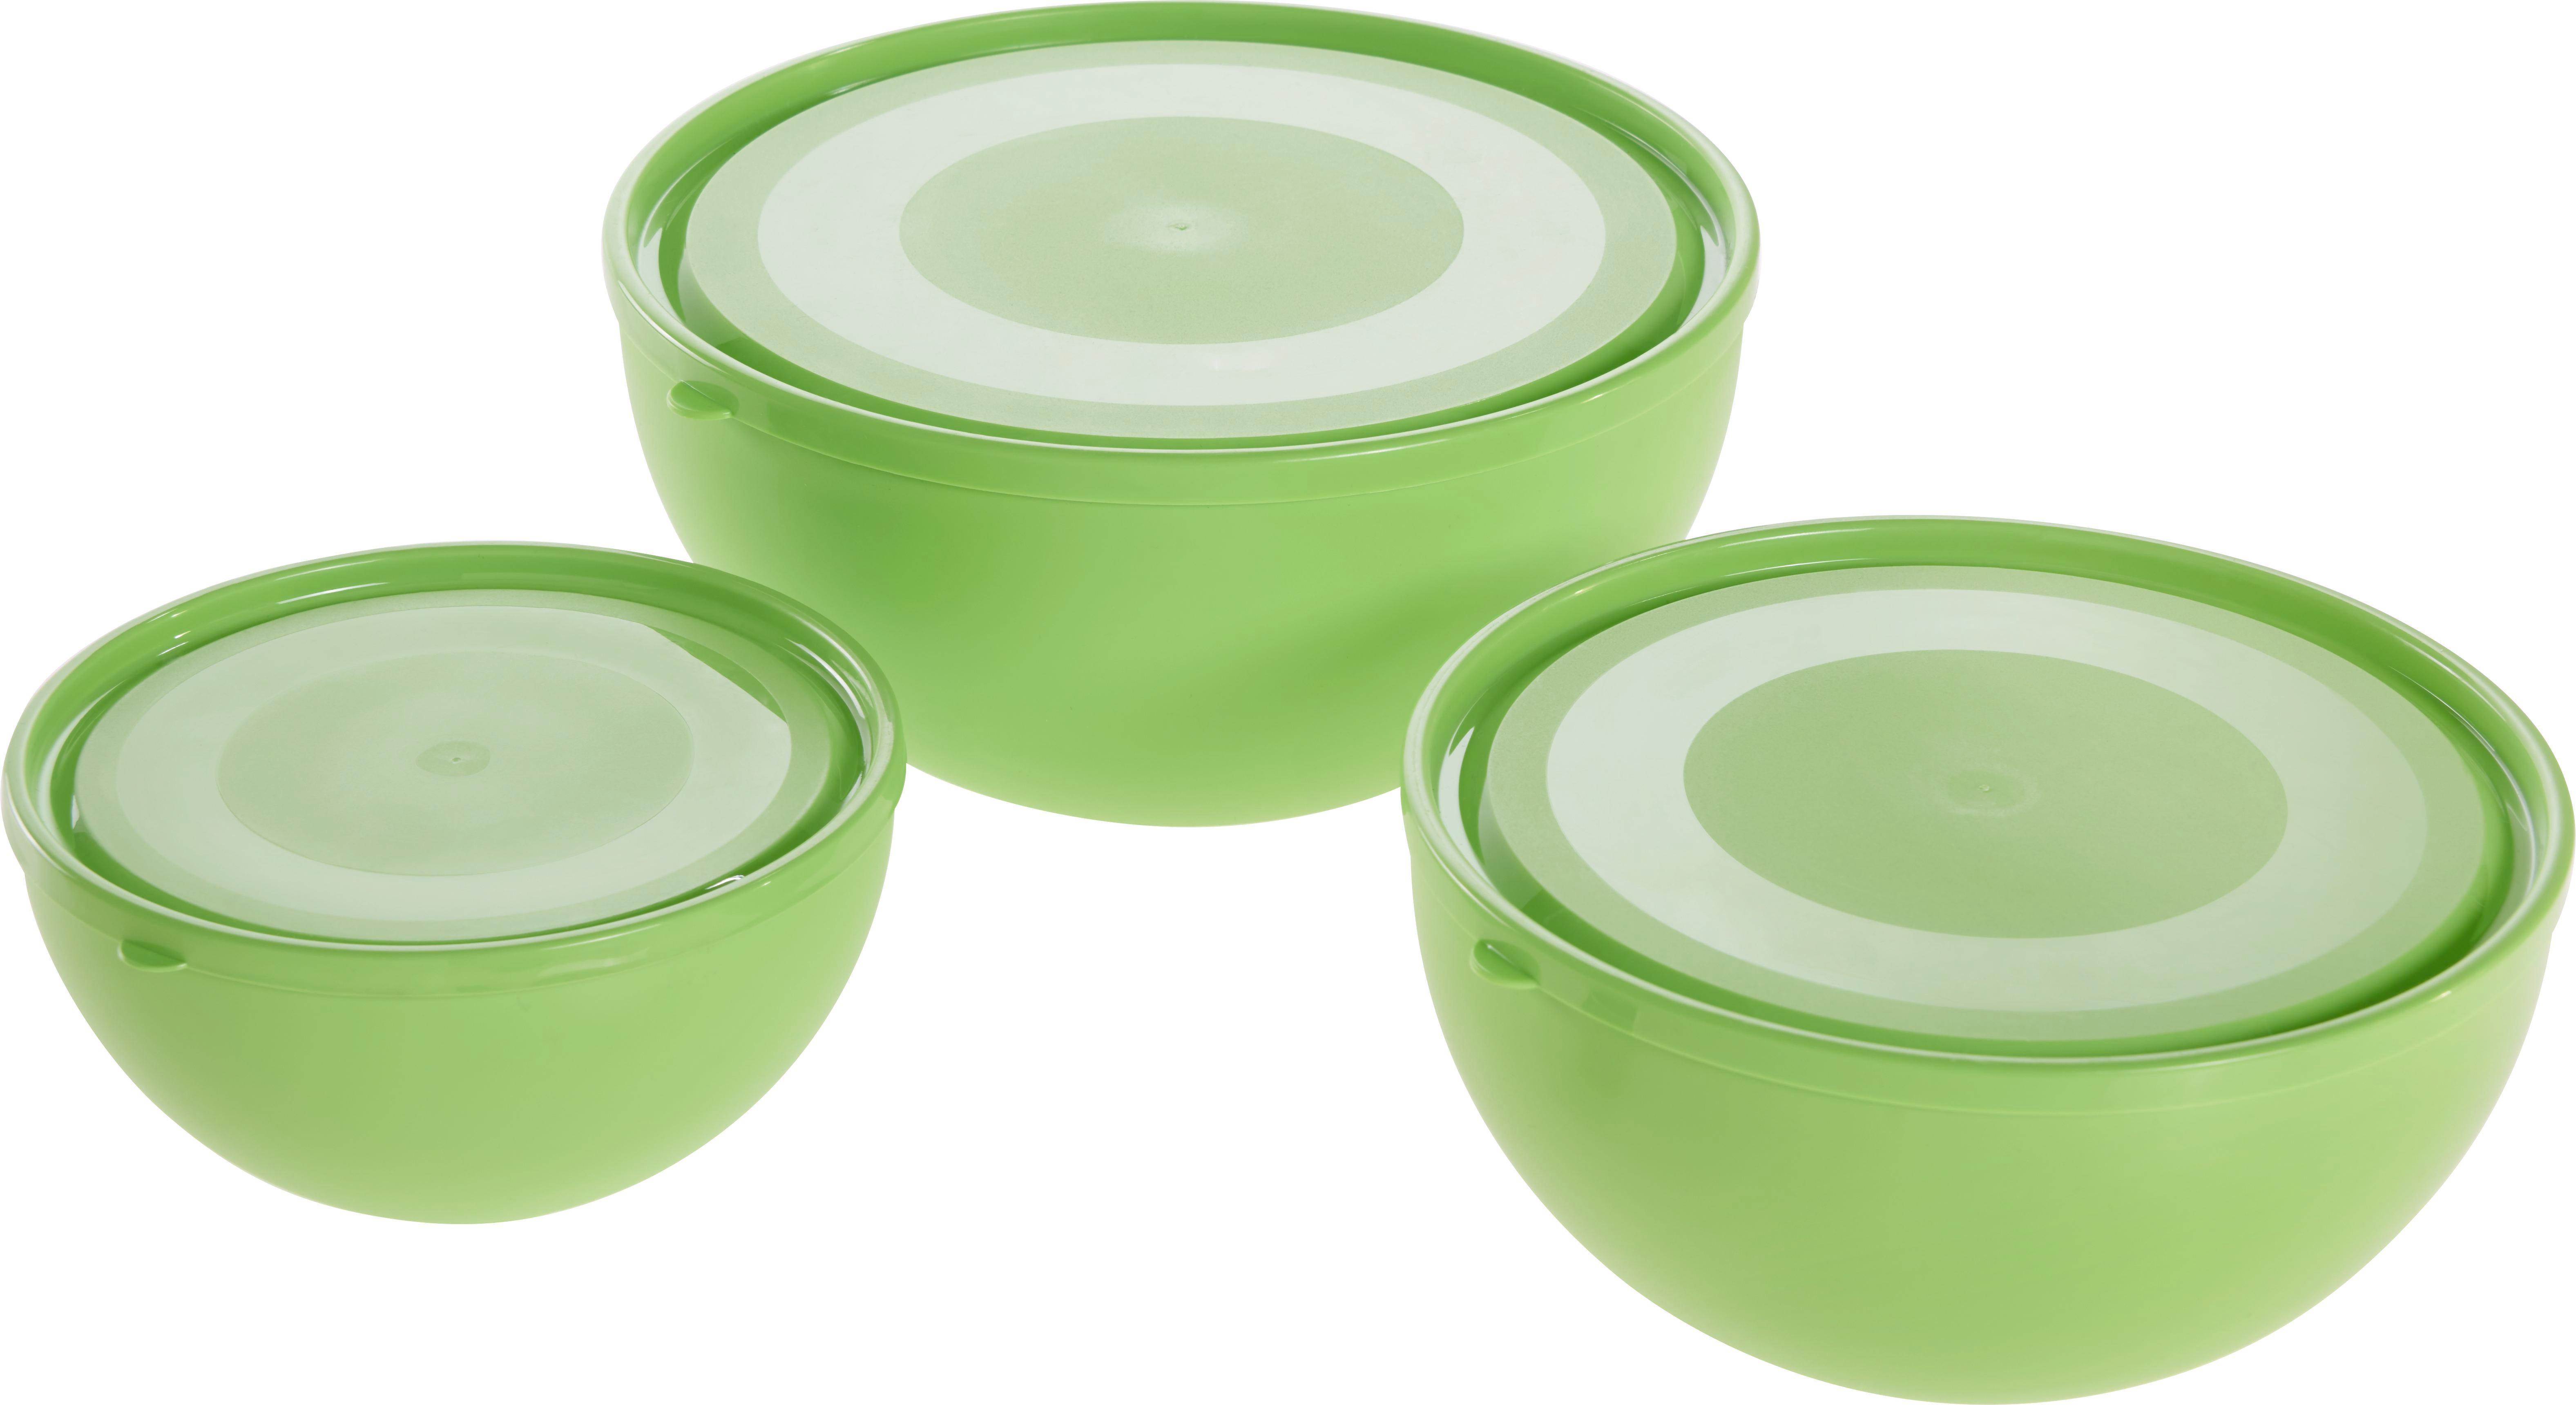 Tál Szett Nena - türkiz/zöld, műanyag - MÖMAX modern living